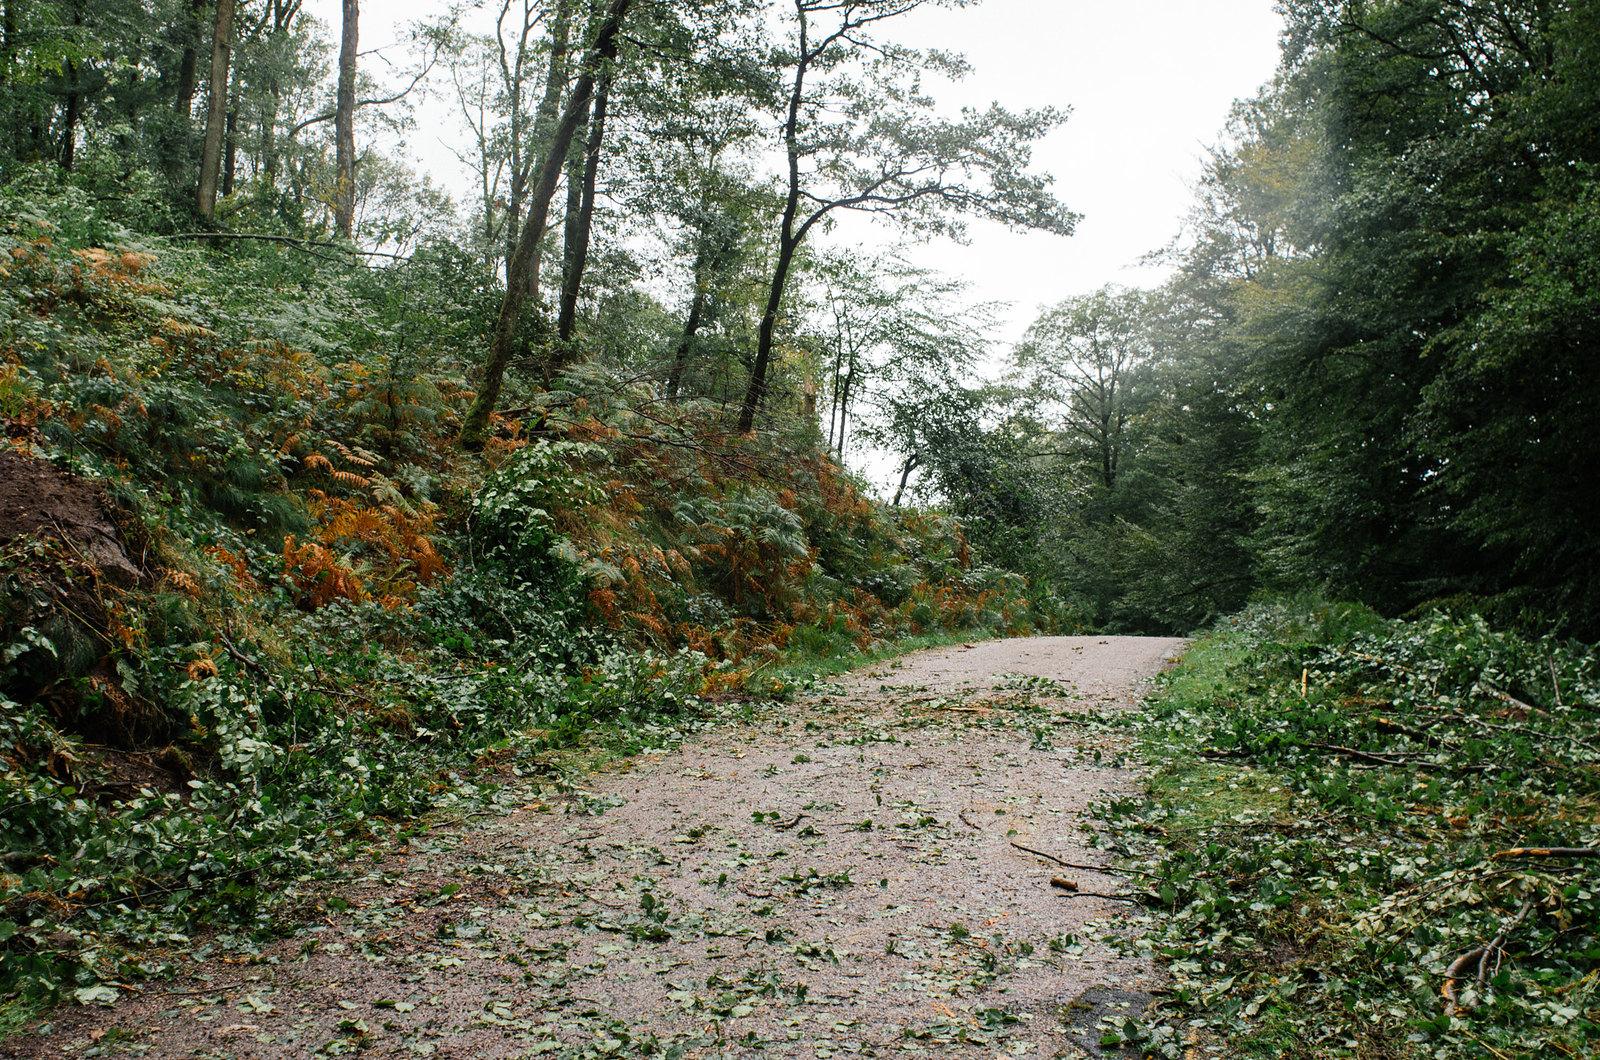 Grande traversée du Morvan - Après l'orage